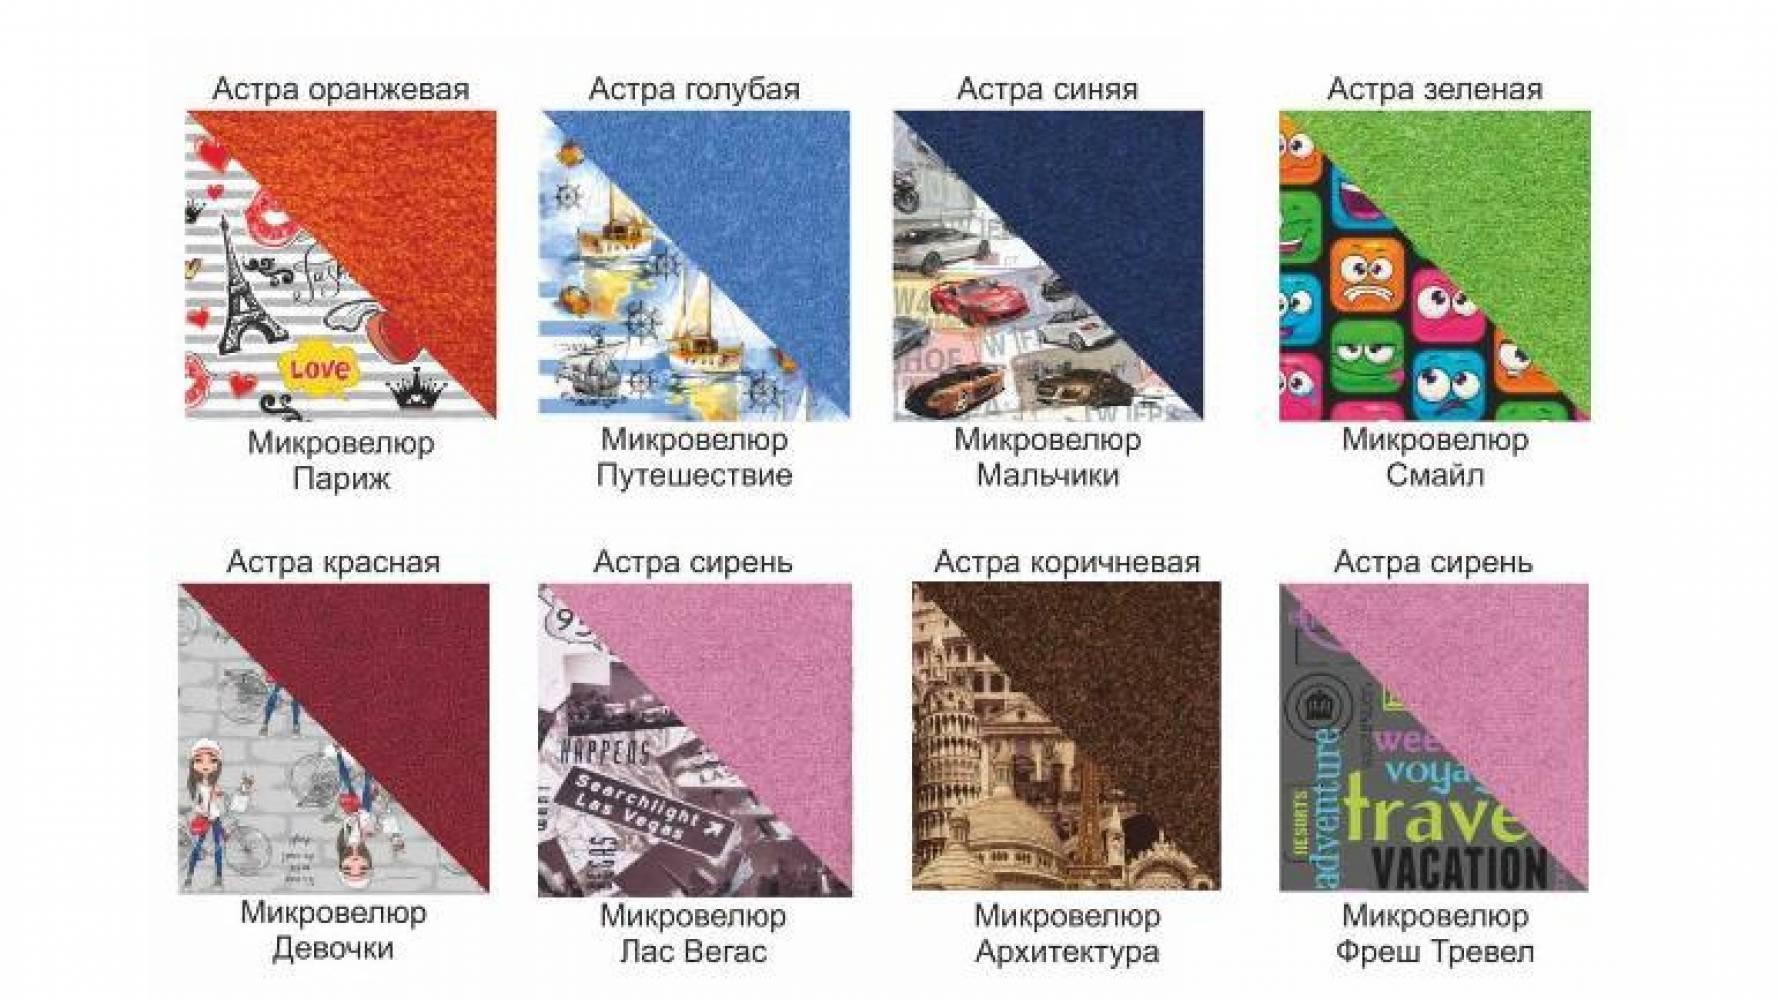 Тахта МАСЯ - 12 правая (Путешествие) Олмеко